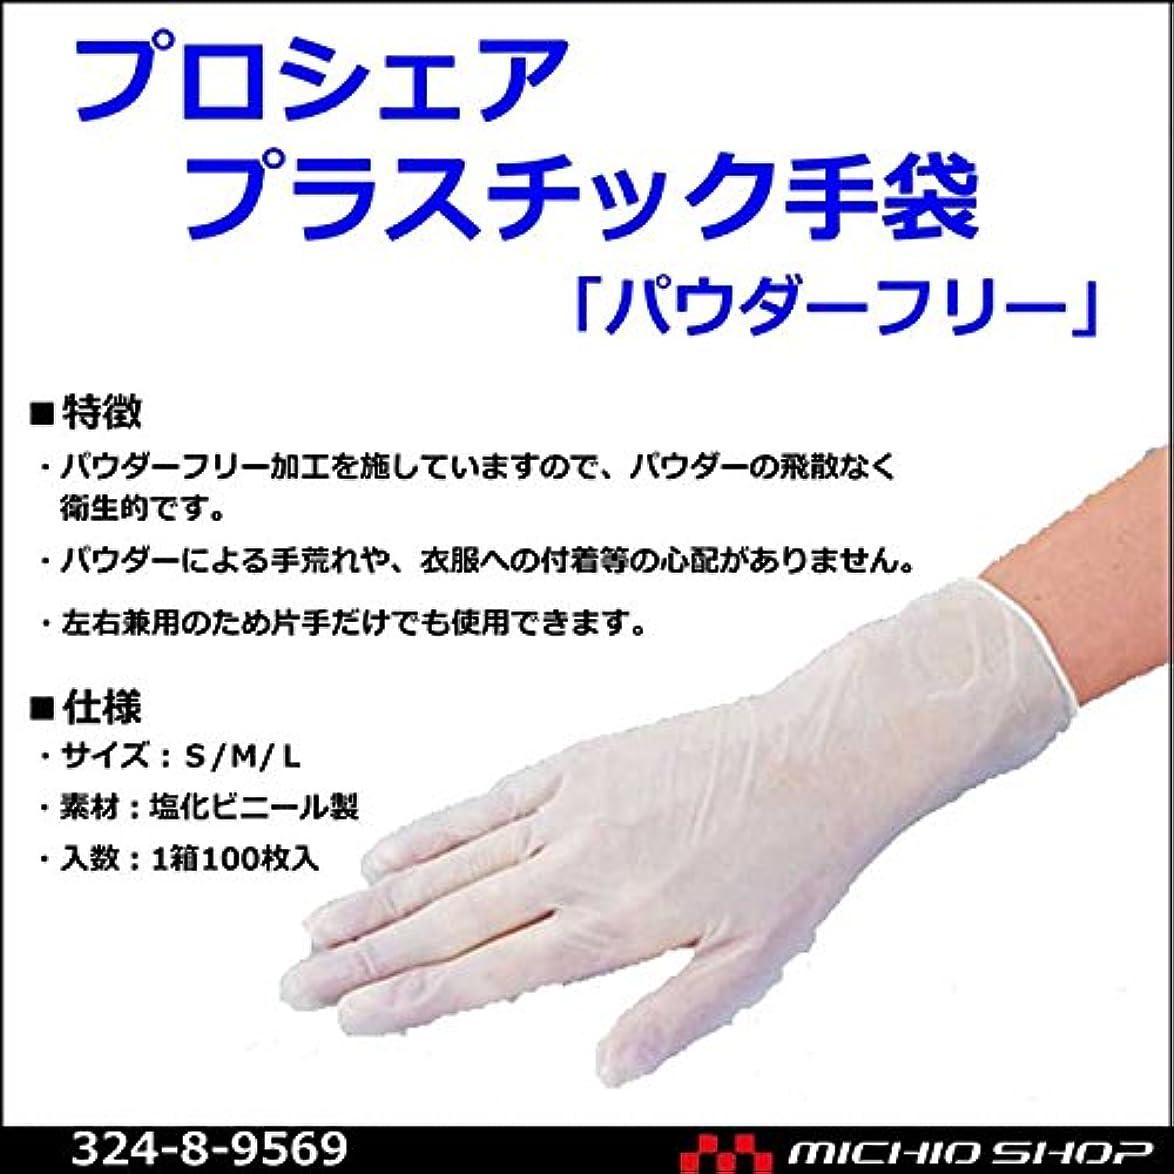 アラーム電球崖アズワン プロシェアプラスチック手袋 100枚入 8-9569 02 M